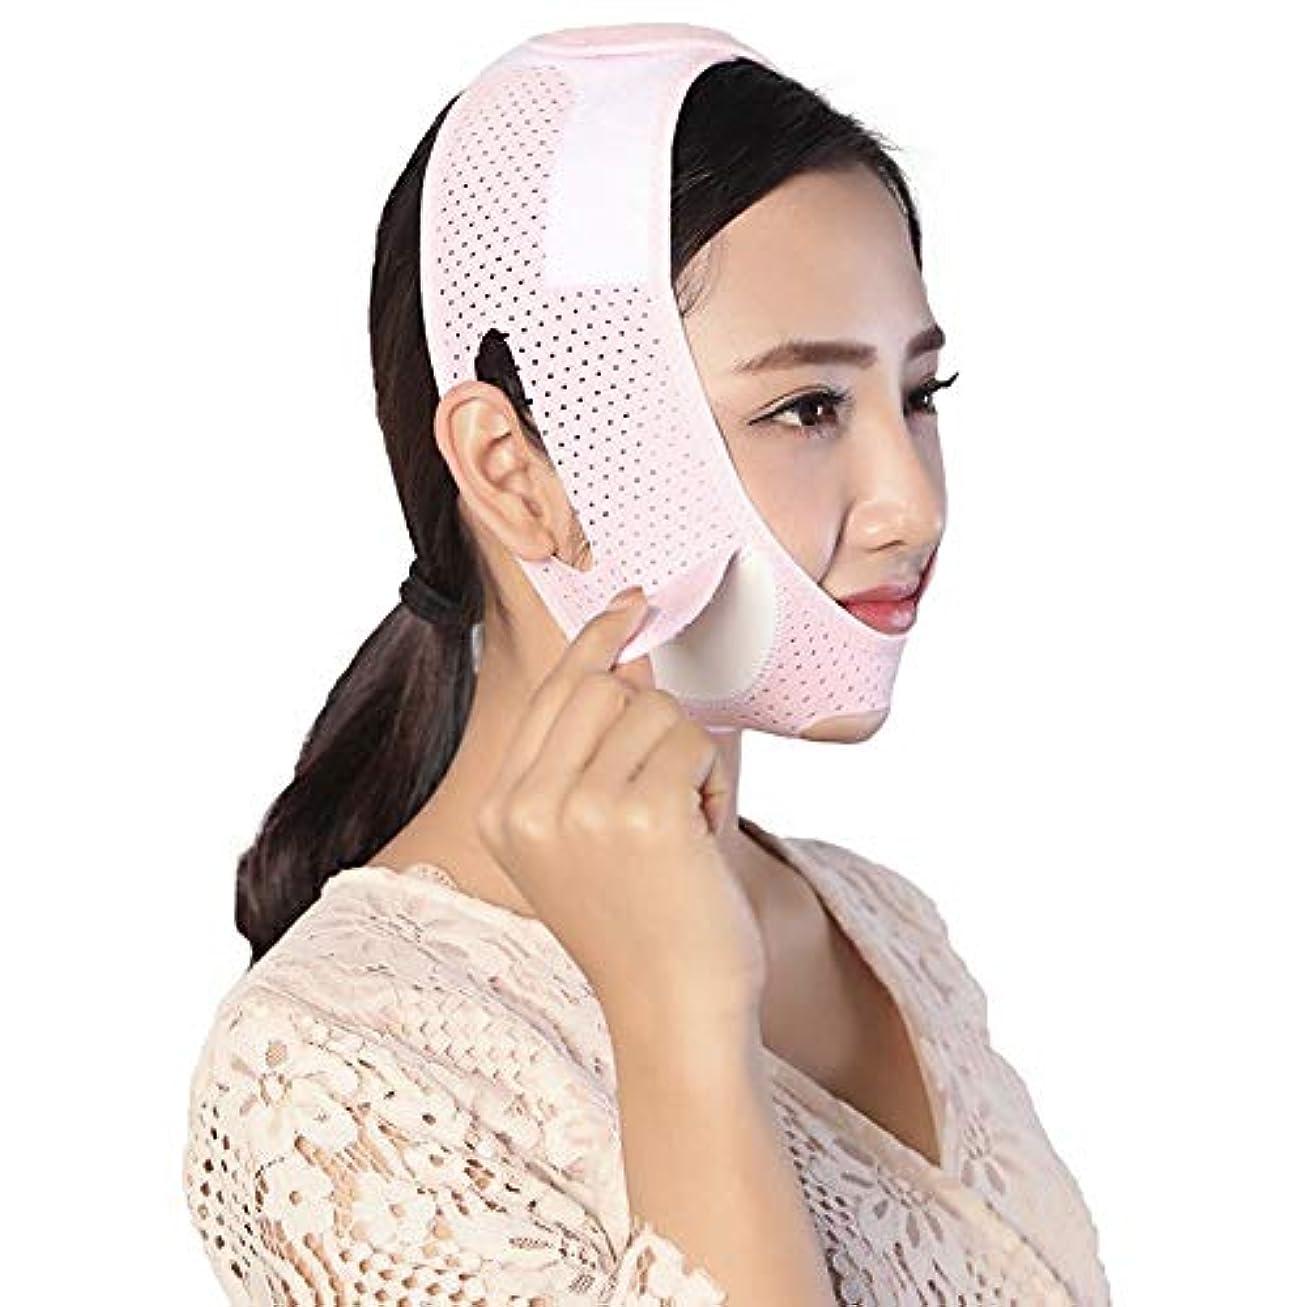 Minmin フェイシャルリフティング痩身ベルト - 圧縮二重あご減量ベルトスキンケア薄い顔包帯 みんみんVラインフェイスマスク